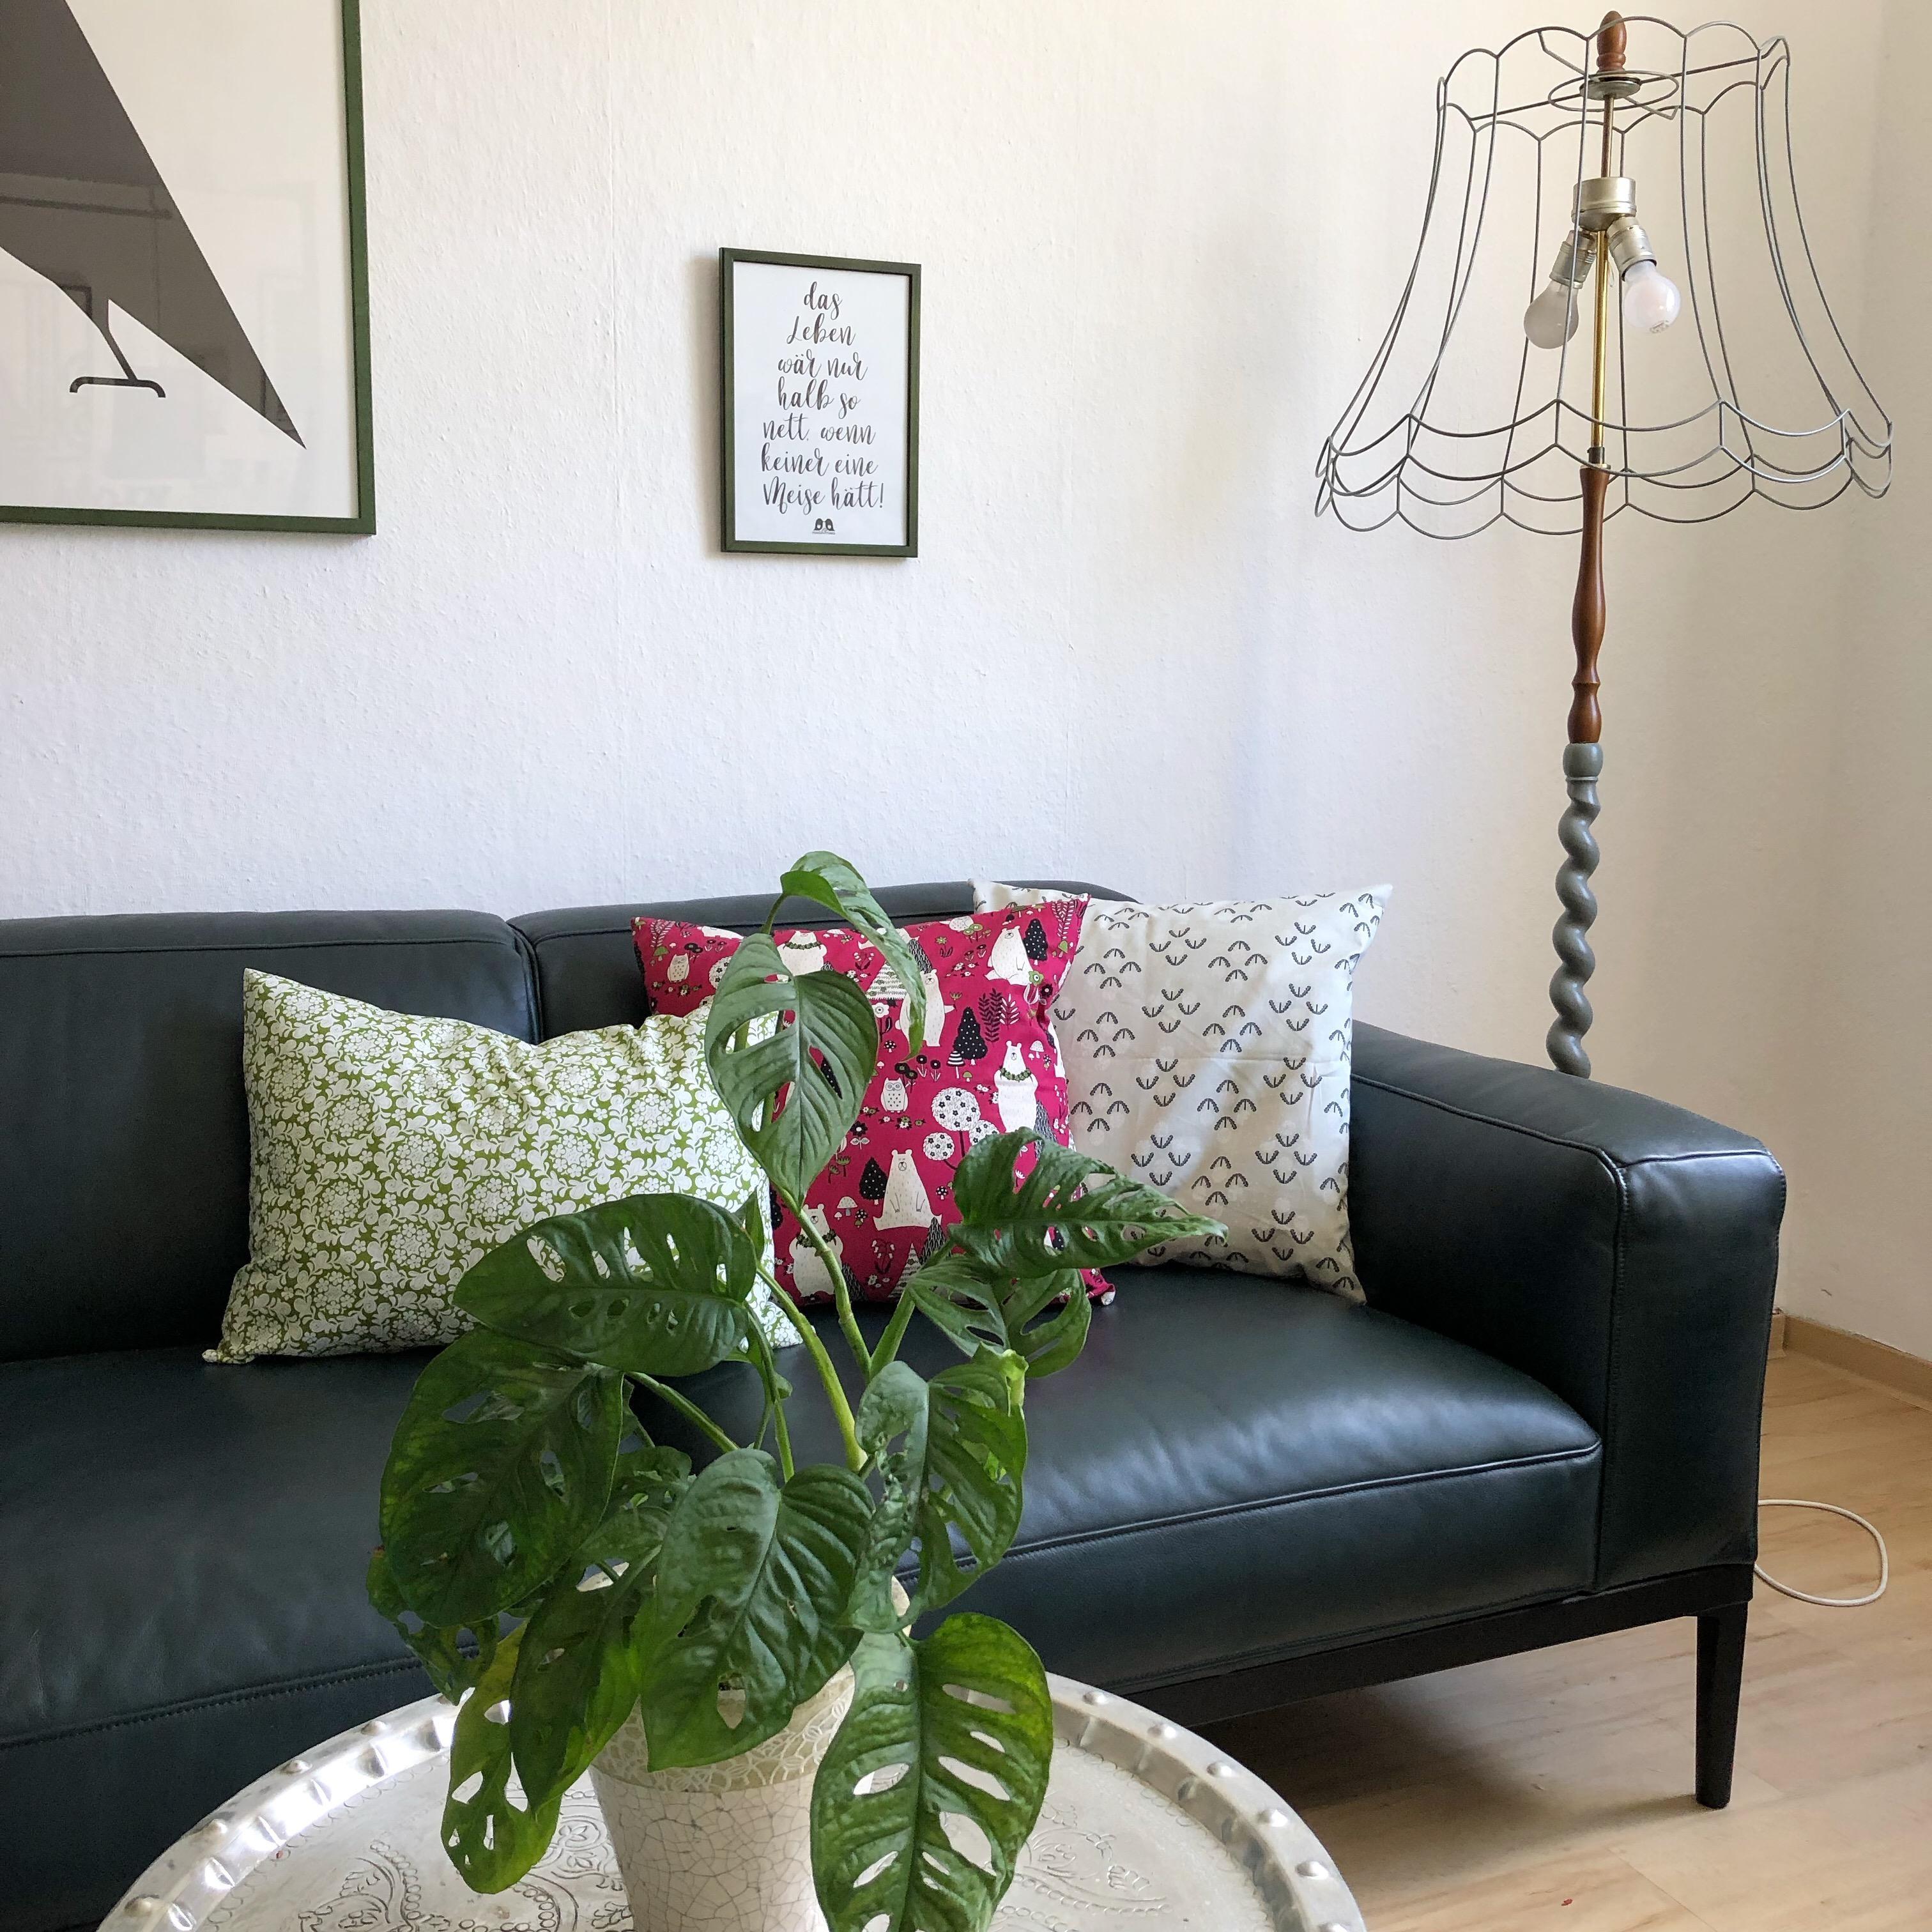 liebe grusse aus unserem wohnzimmer wohnzimmer sofa gemutlich